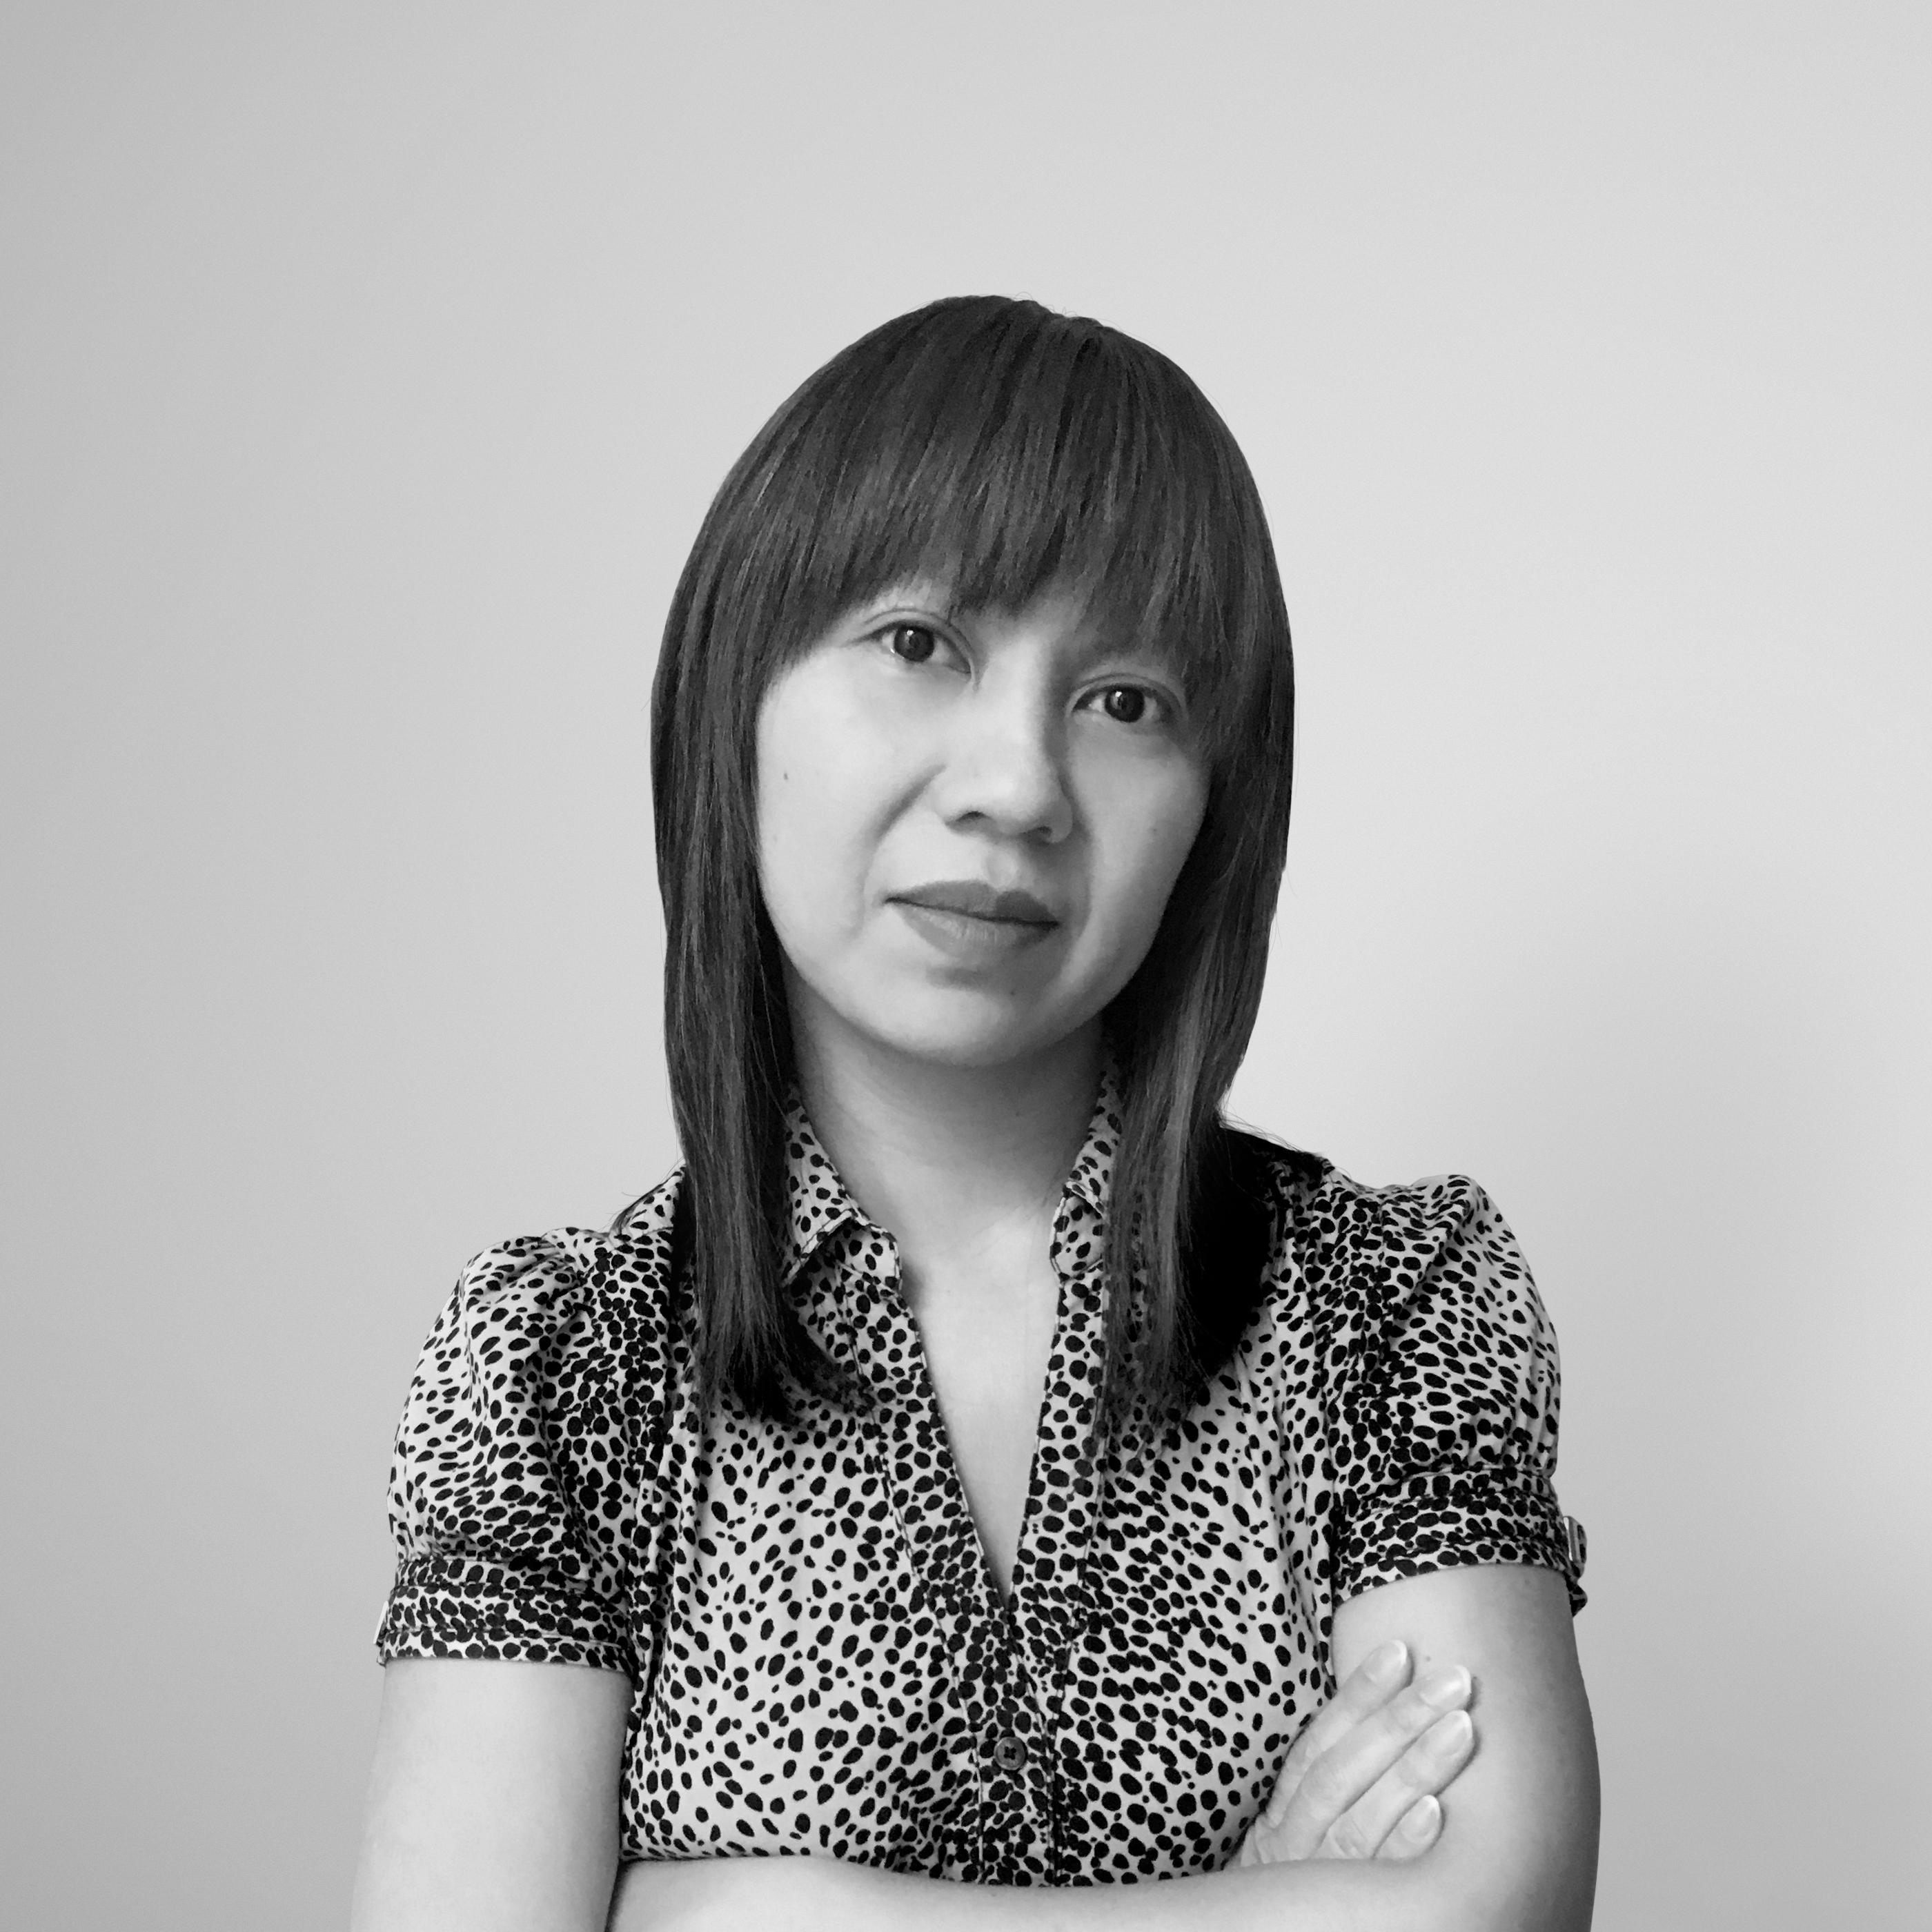 Susan Hung